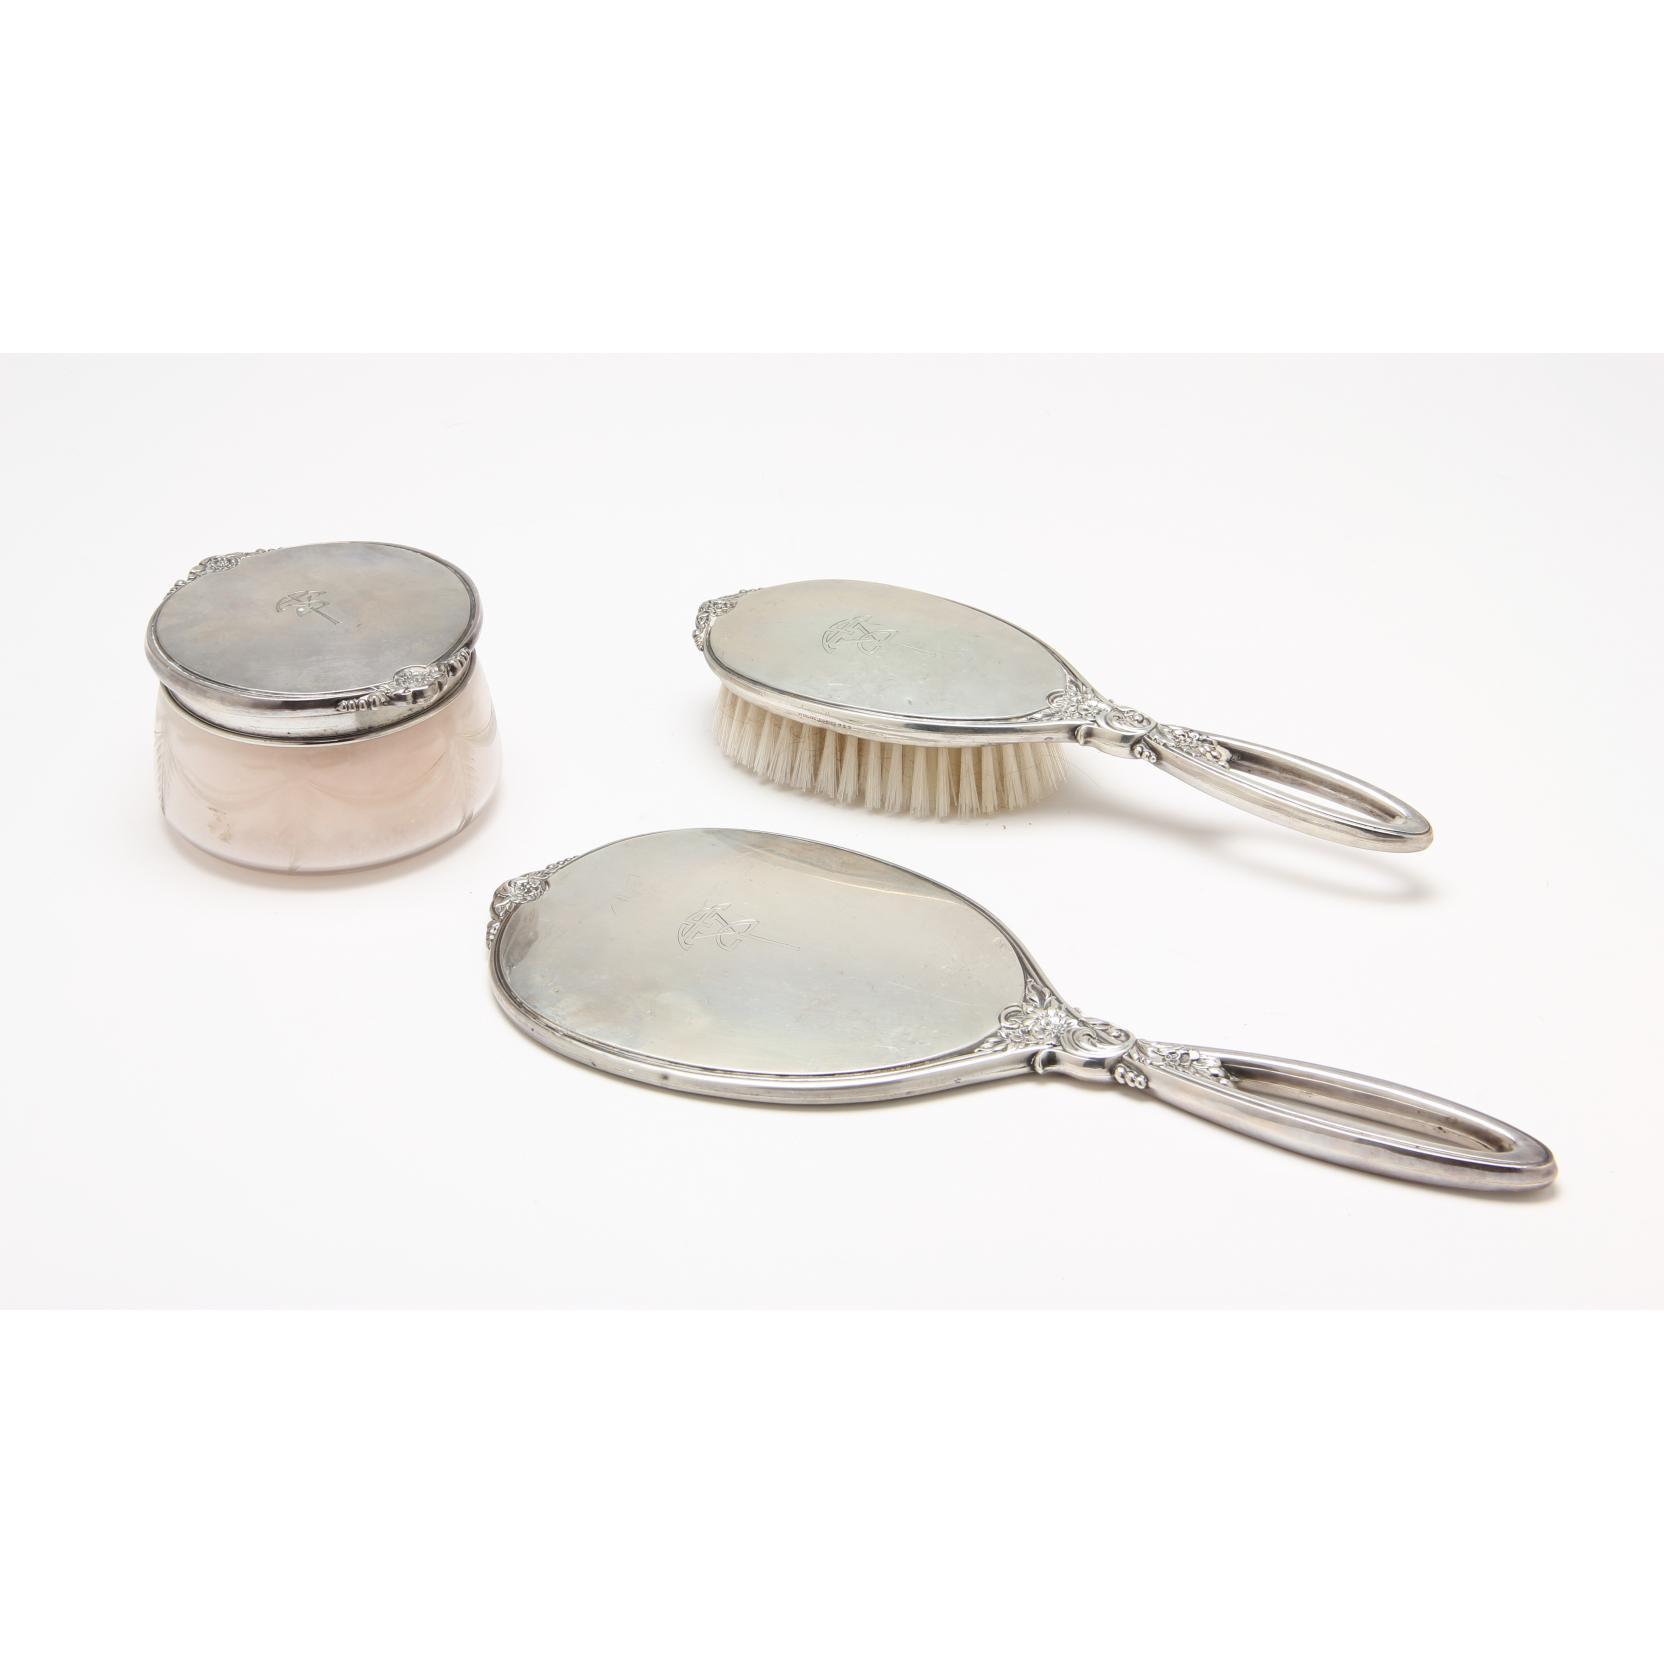 vintage-lady-s-sterling-silver-vanity-set